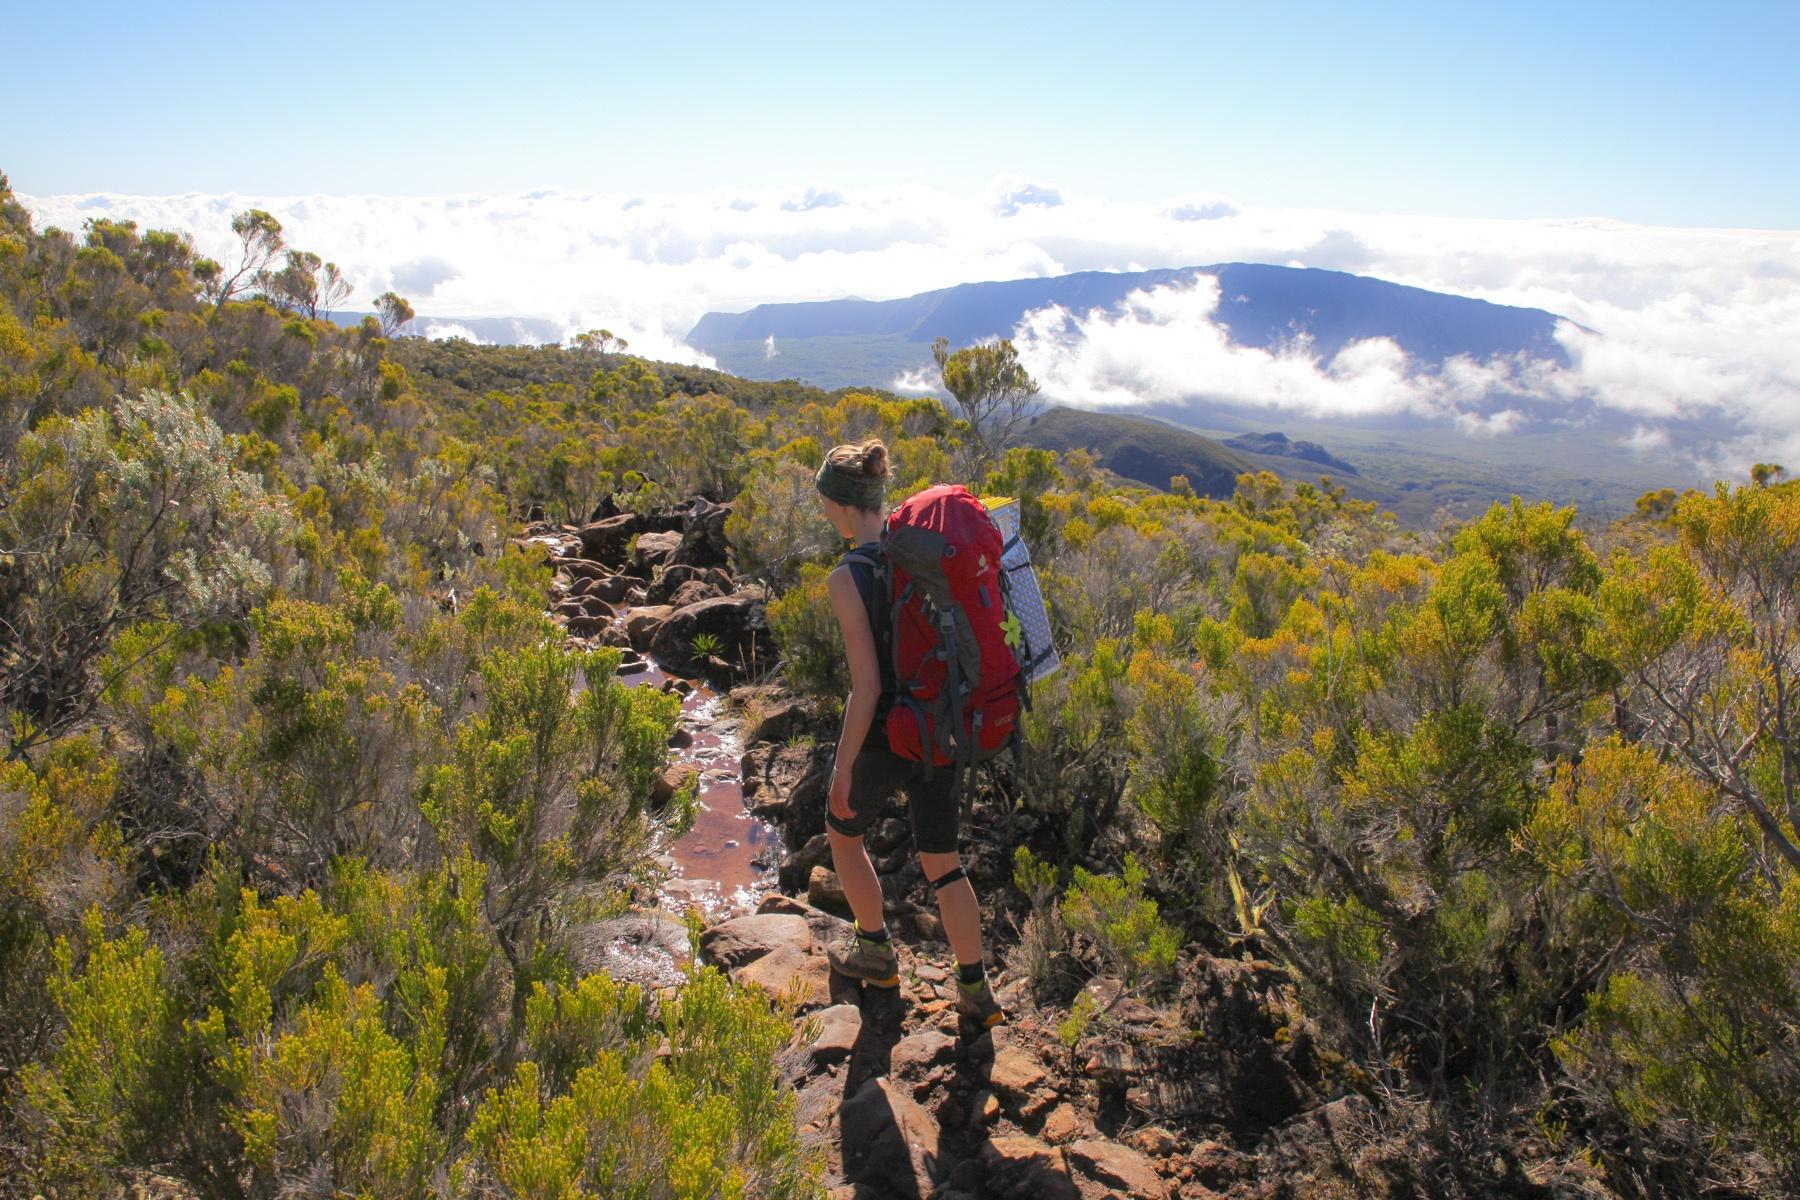 Wandern auf La Réunion: Ab Mittag ziehen die Wolken in die Berge.